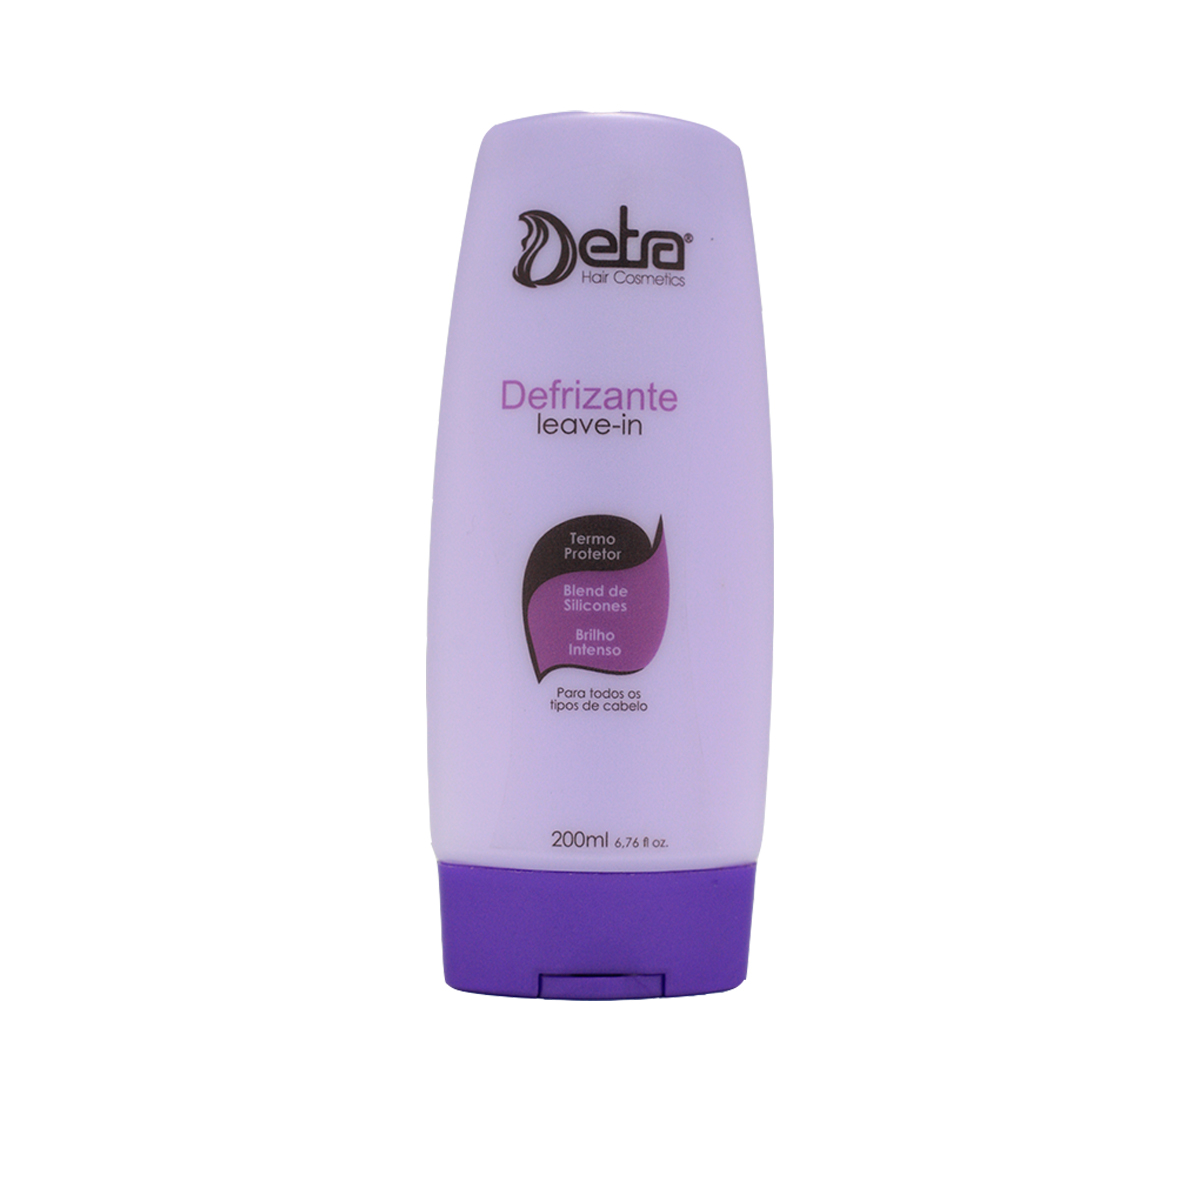 Detra Hair Cosmeticos leave-in defrizante Capilar 200ml